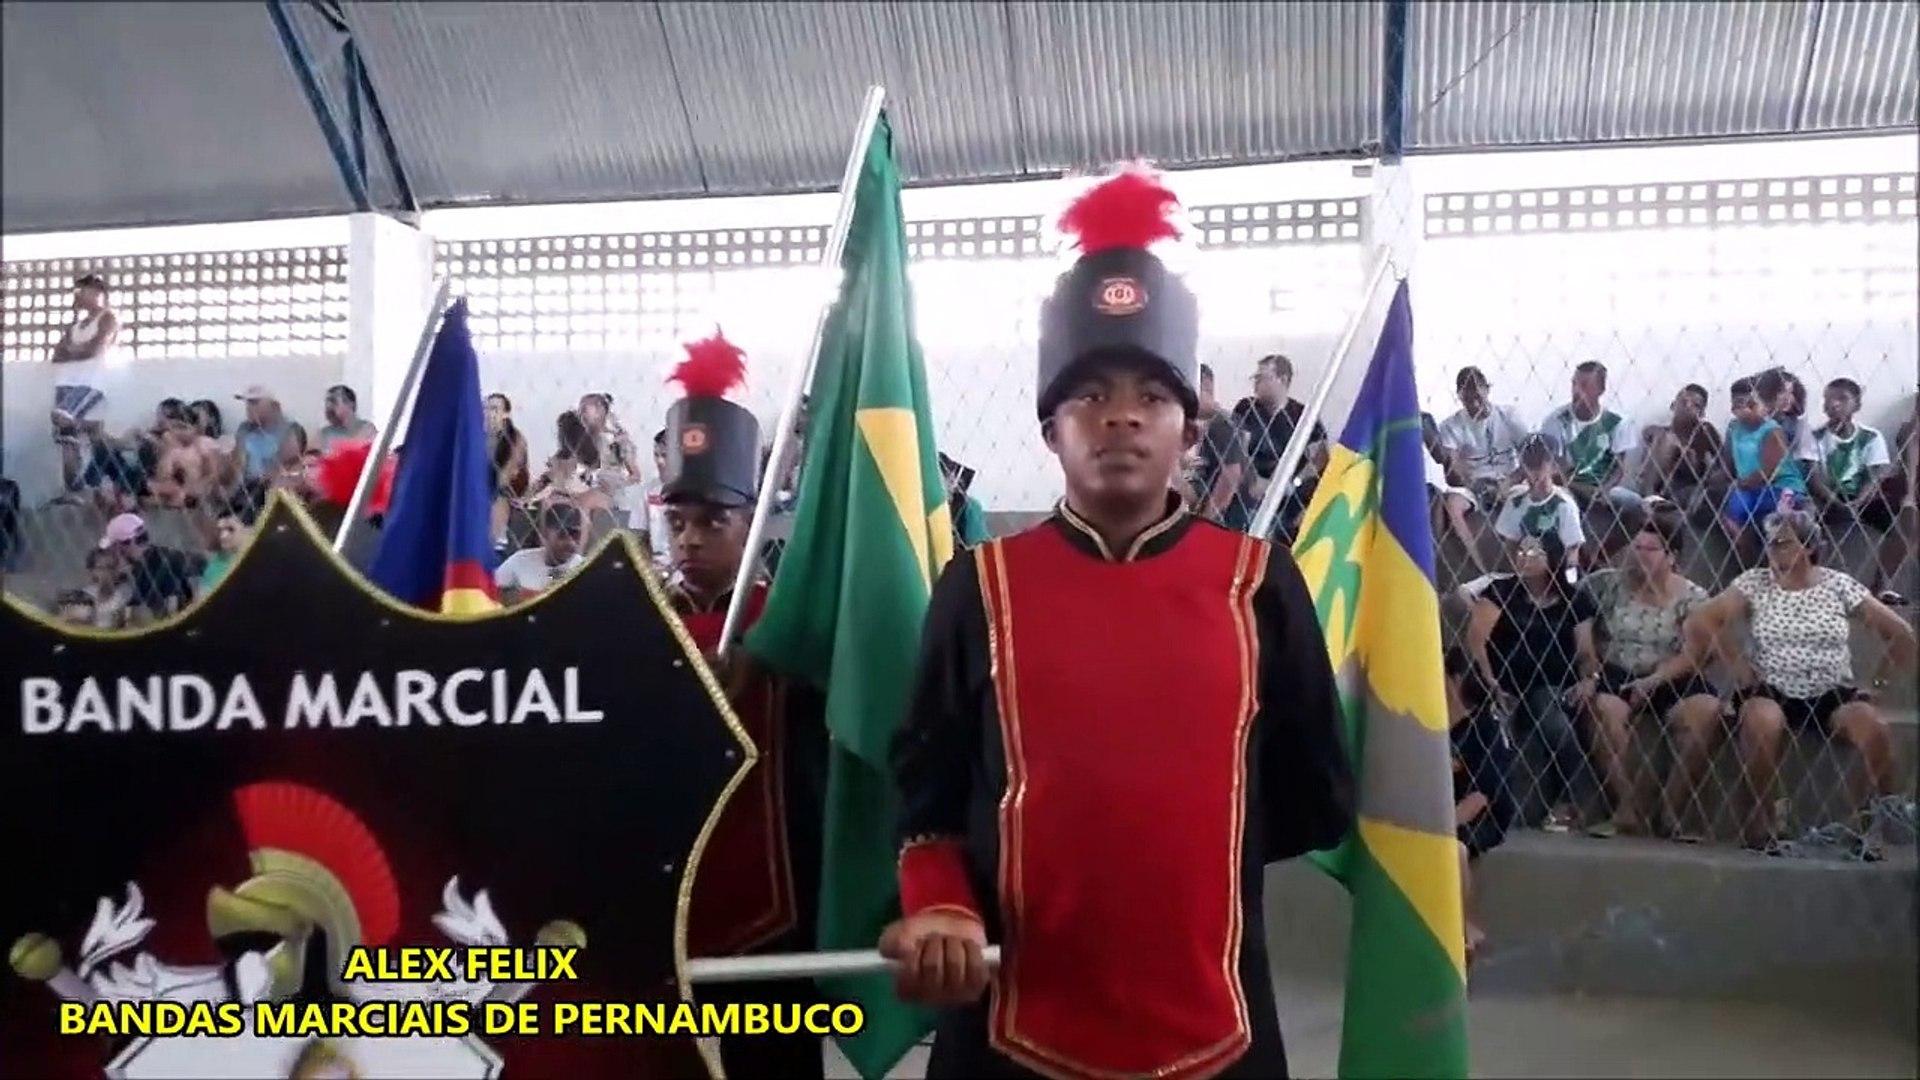 BANDA MARCIAL PADRE PEDRO SOUZA LEAO 2018 _ XI COPA NORDESTE NORTE DE BANDAS E FANFARRAS EM ALTINHO